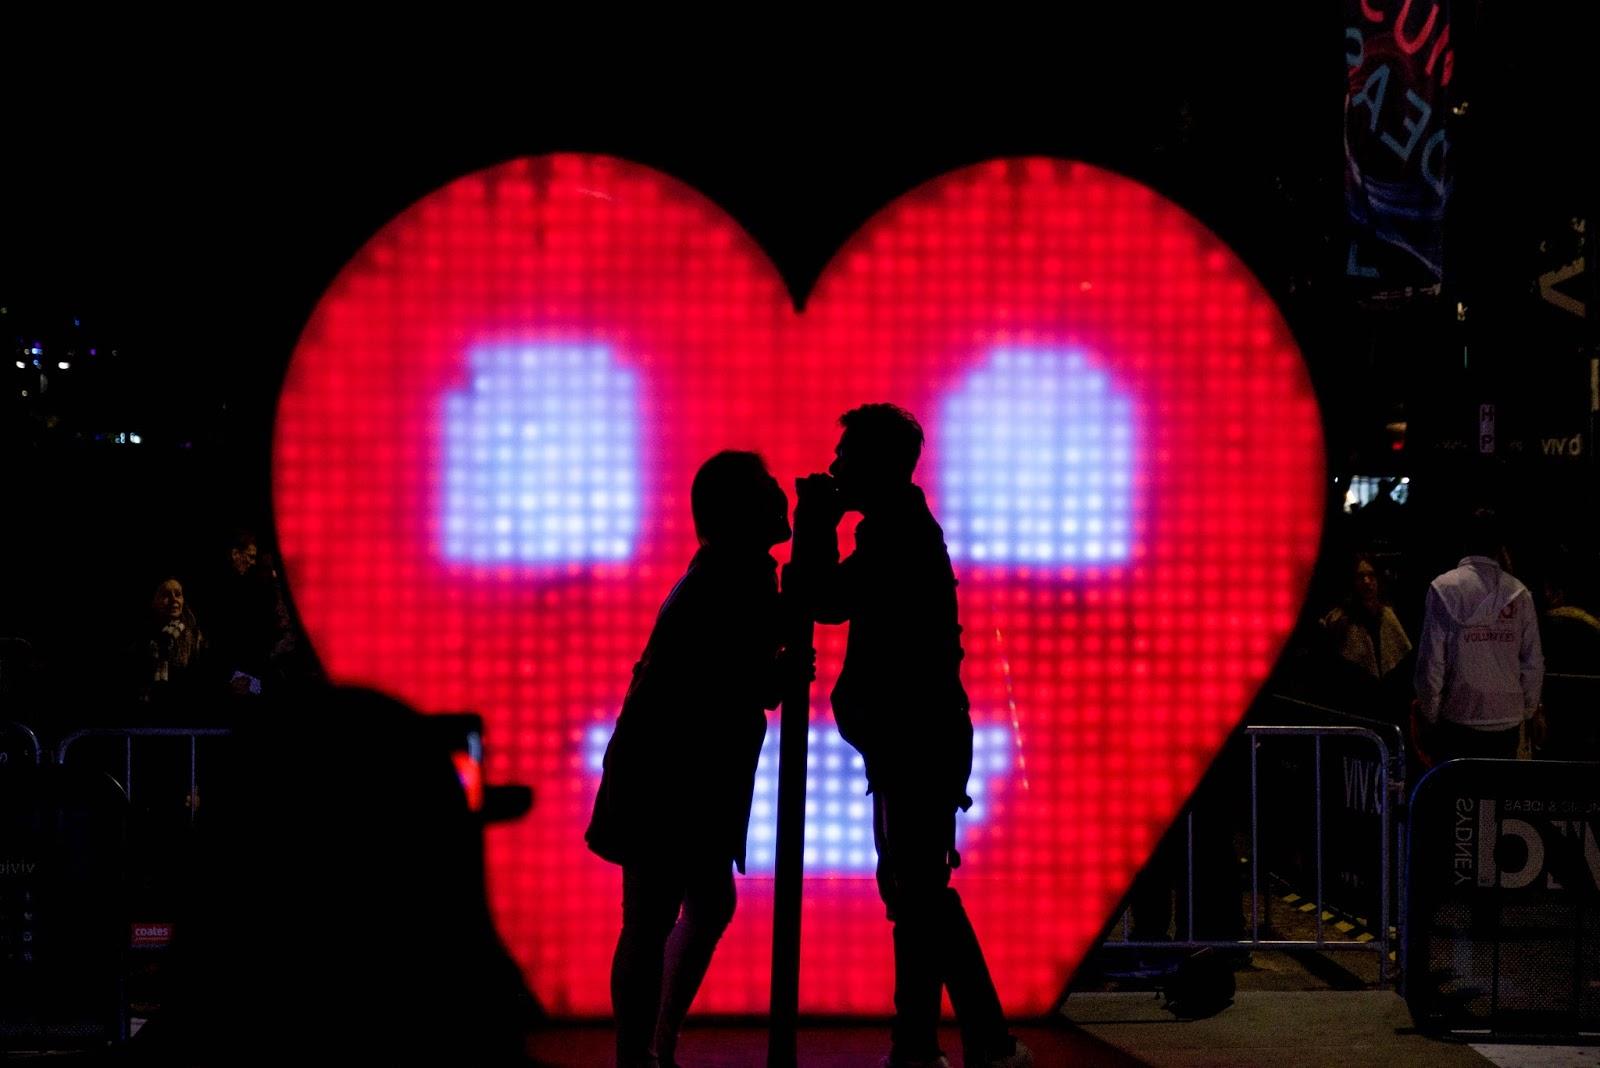 Radio hiili ajoitus dating tehdään arvioimalla näyte